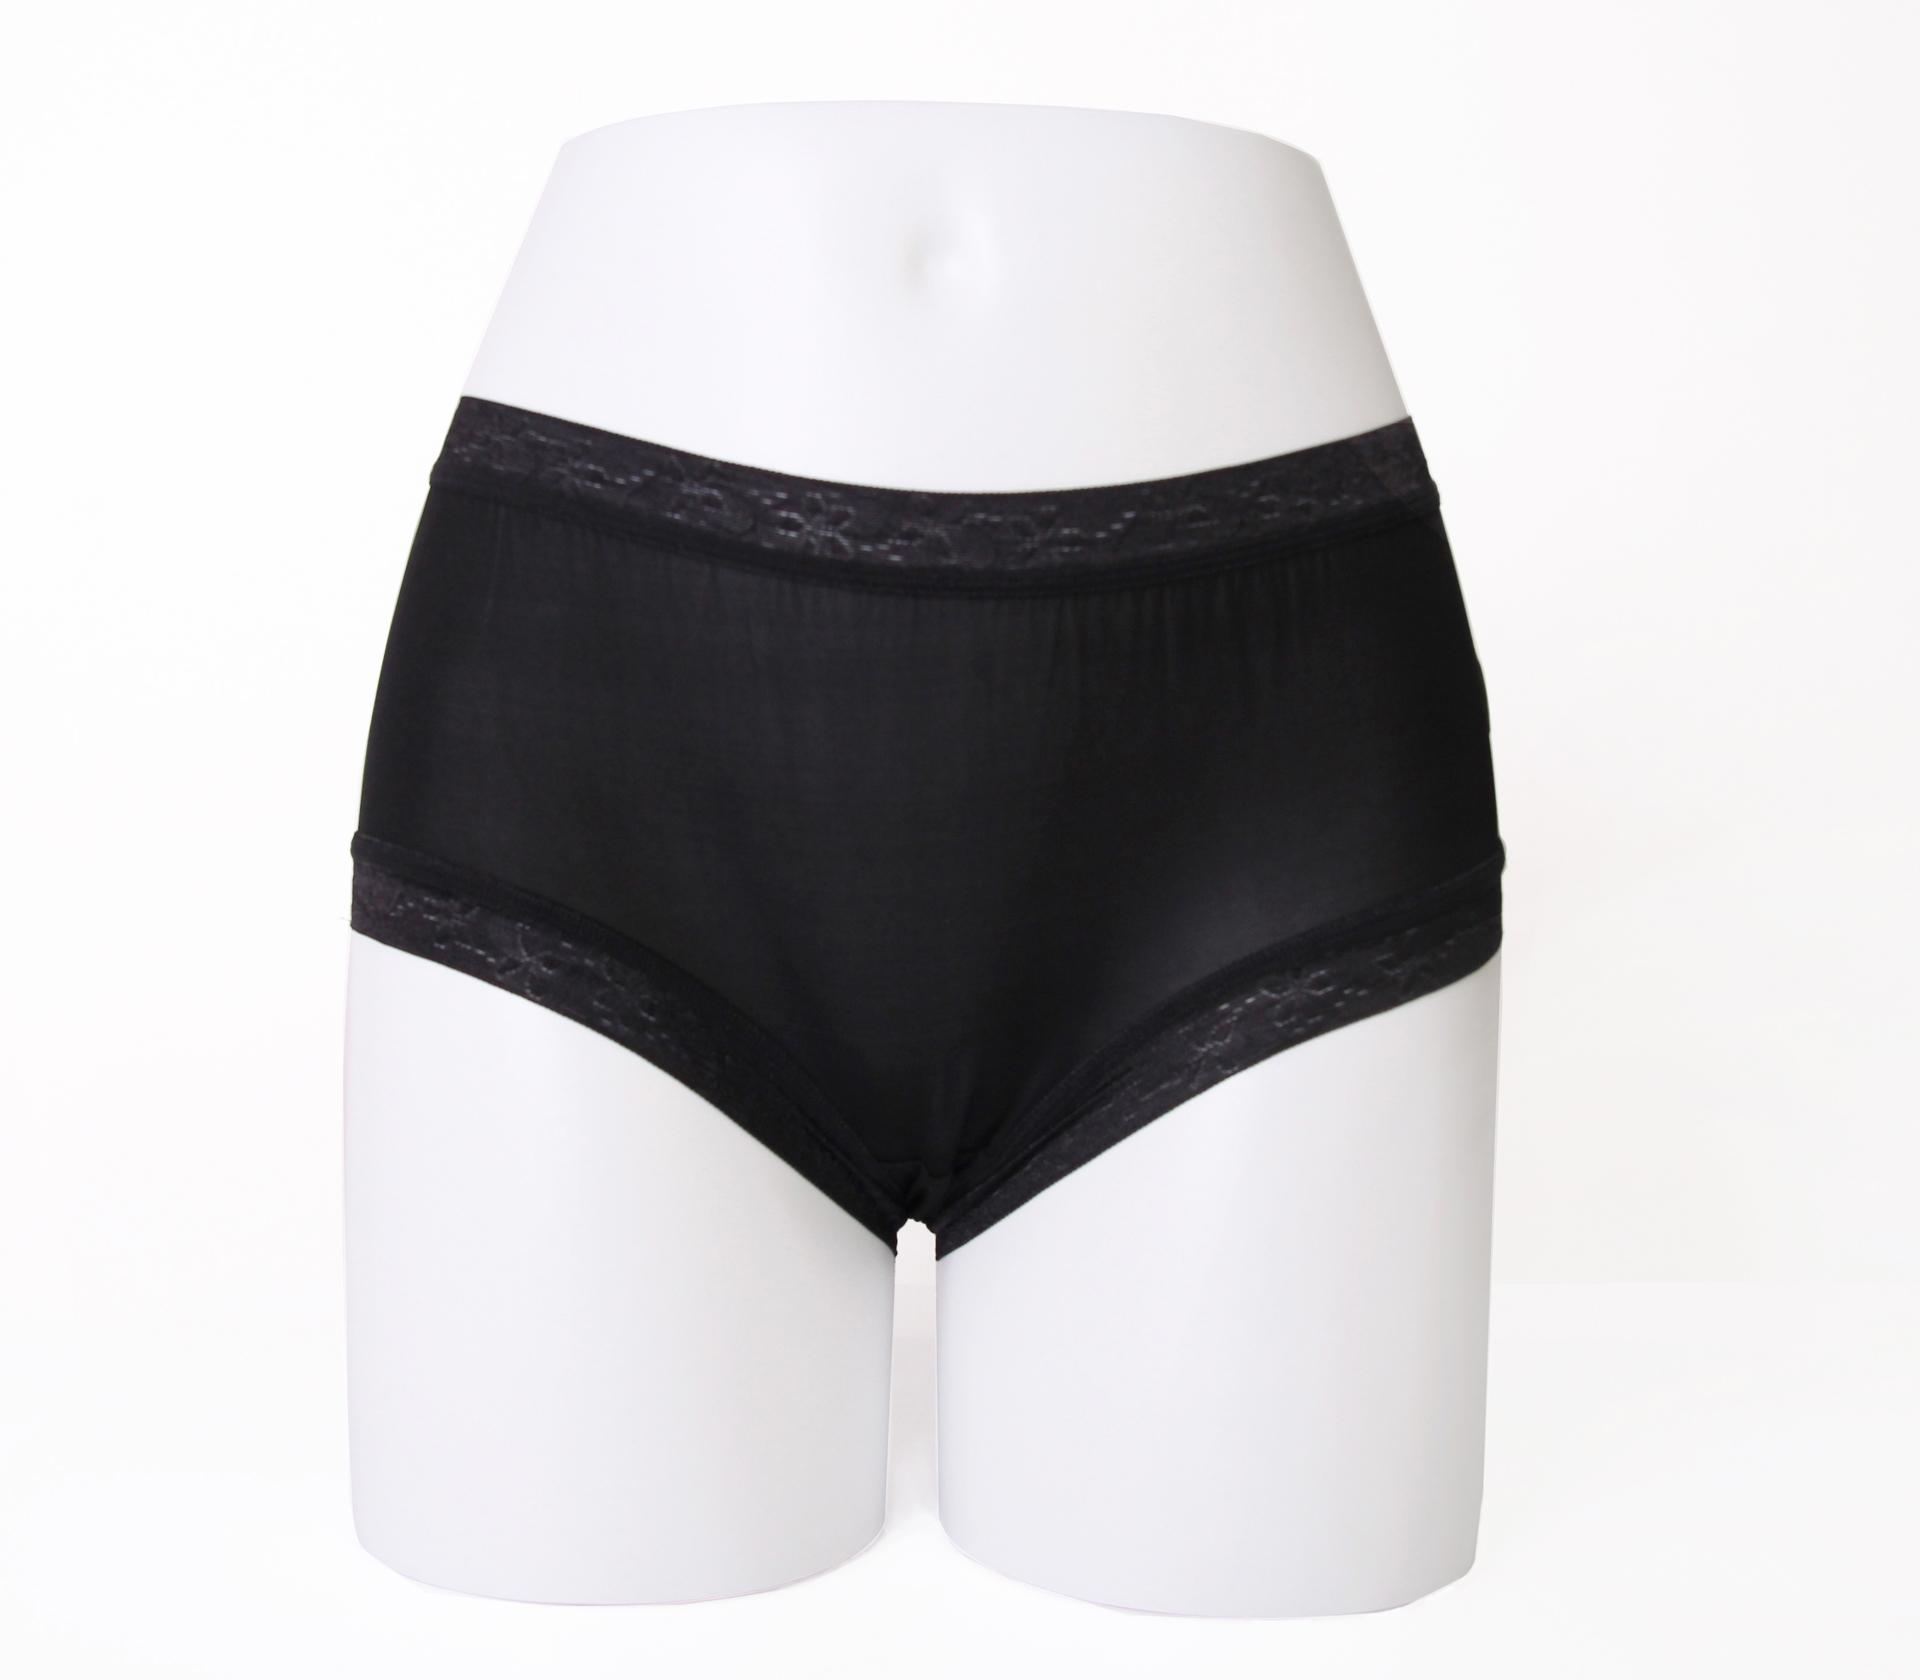 闕蘭絹32針超涼春蠶100%蠶絲內褲-88112-2(黑)